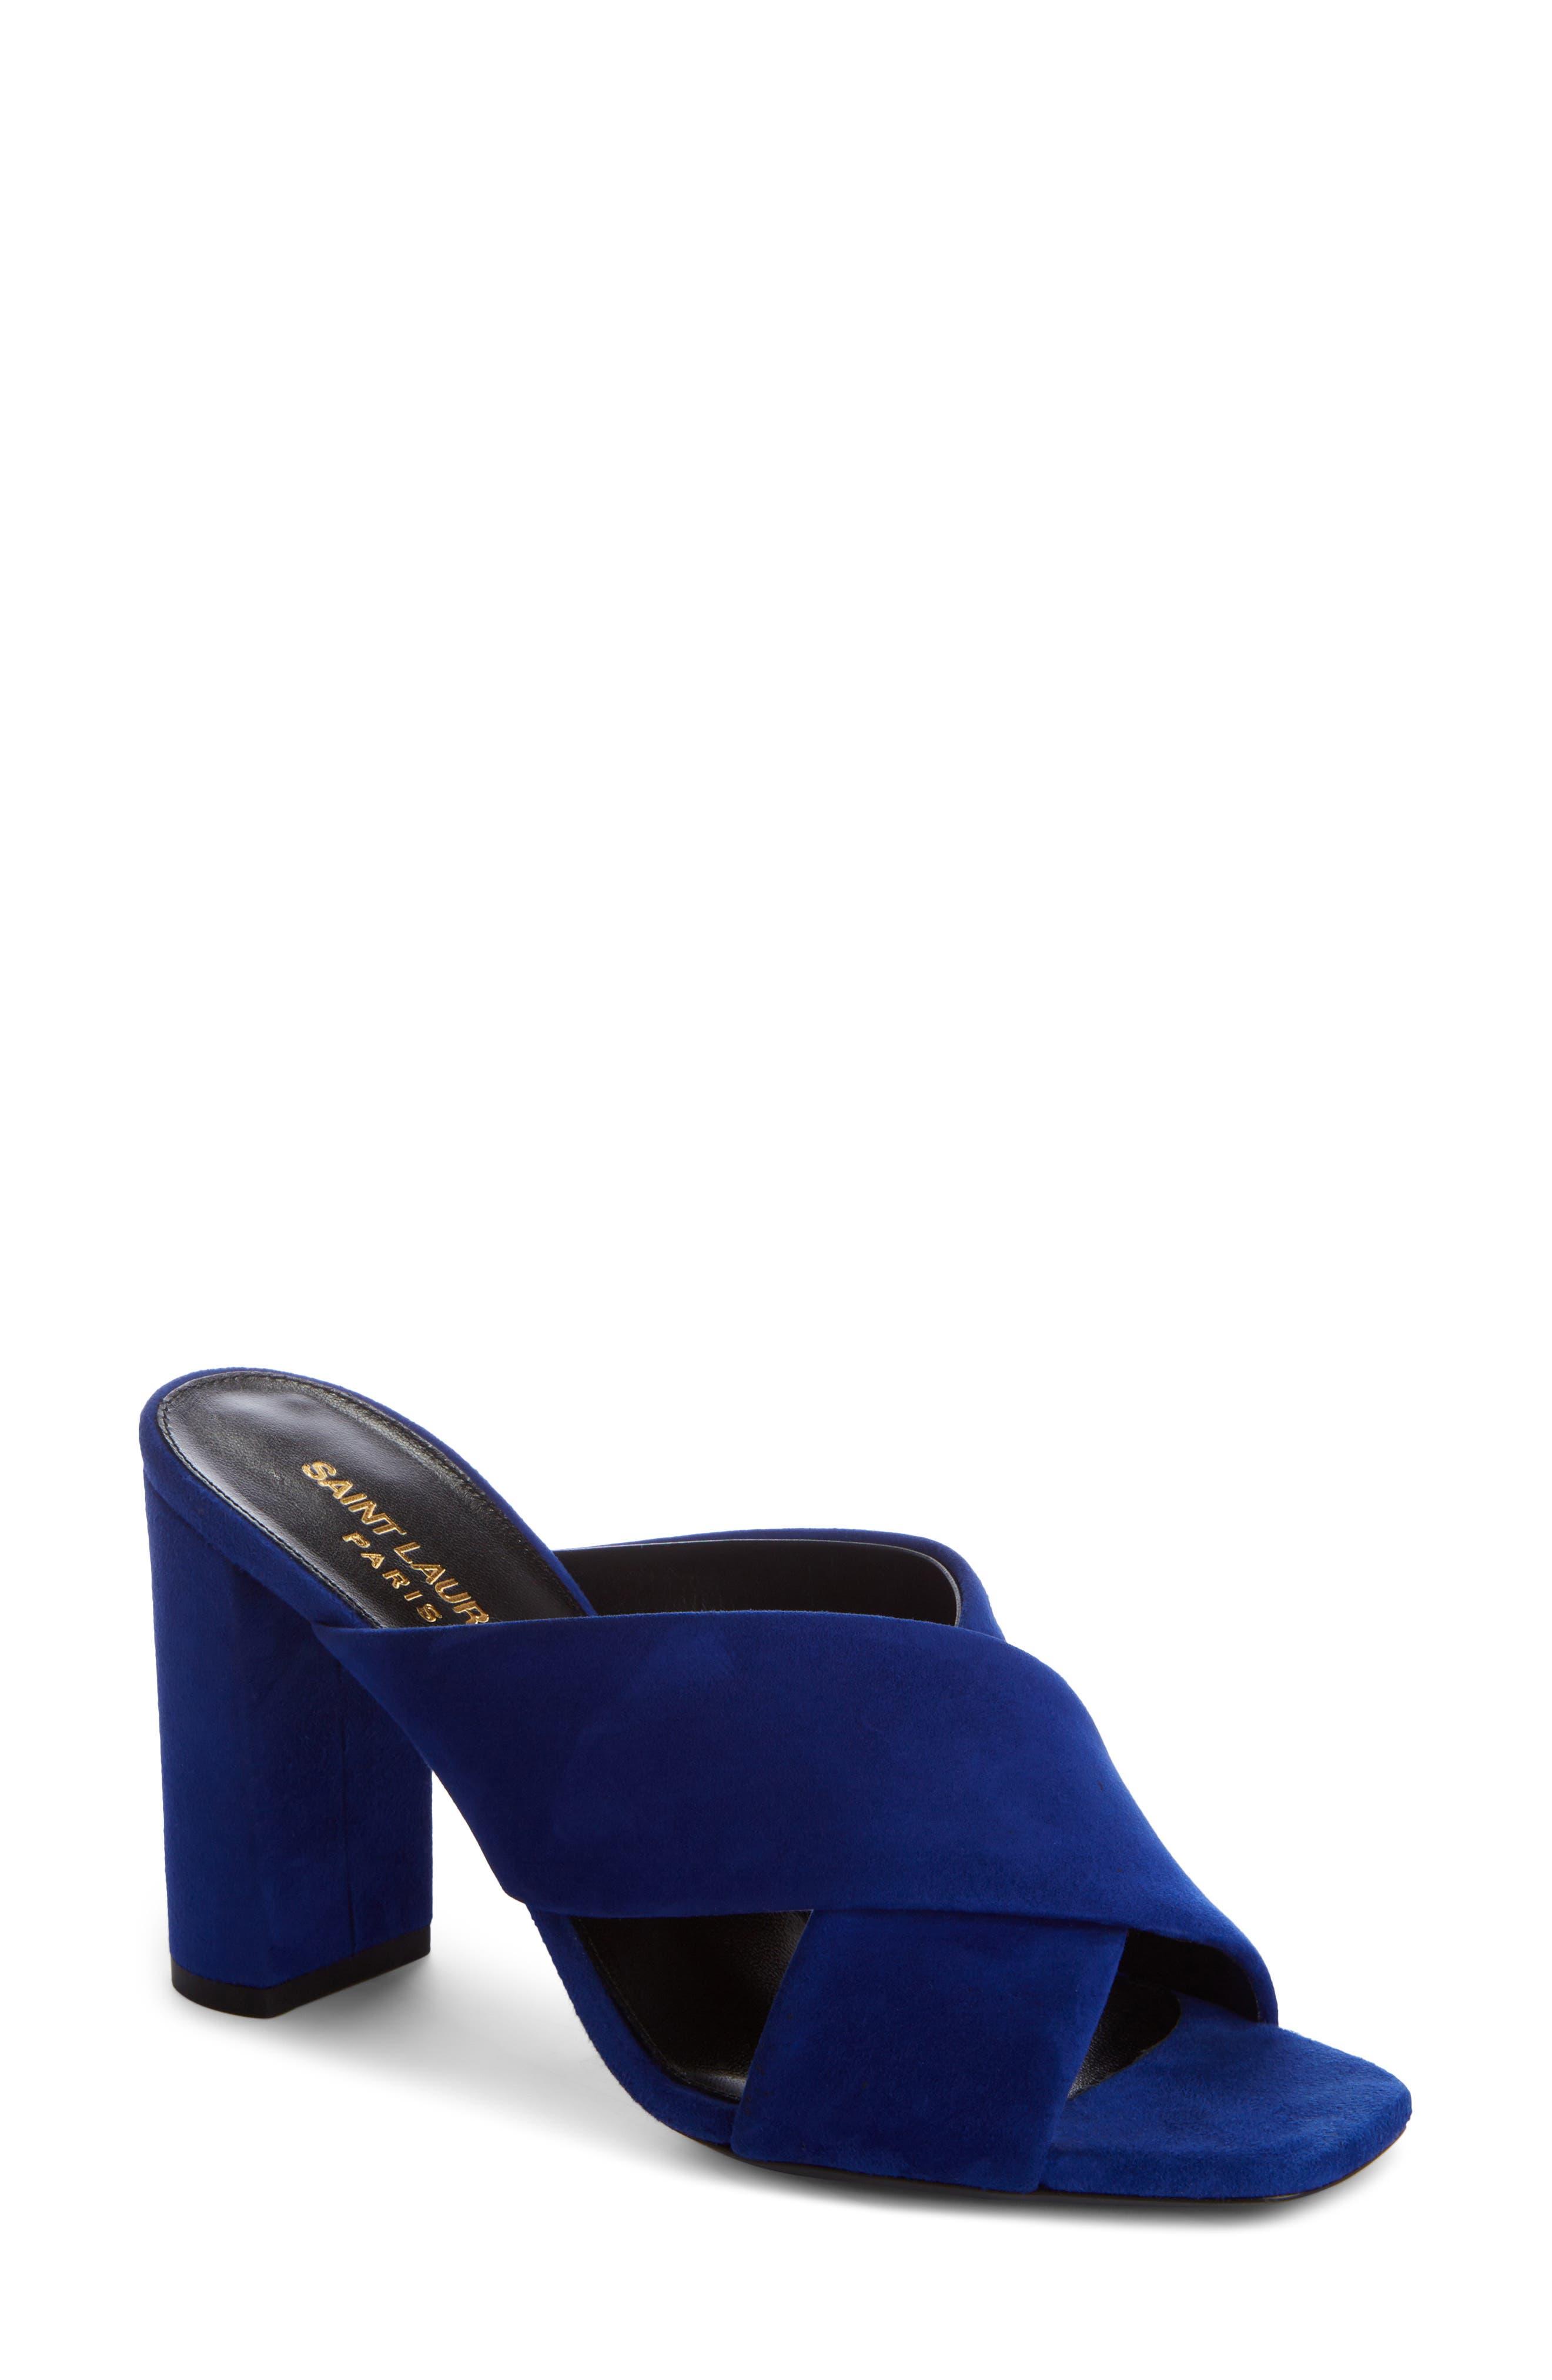 Loulou Sandal,                             Main thumbnail 1, color,                             Electric Blue